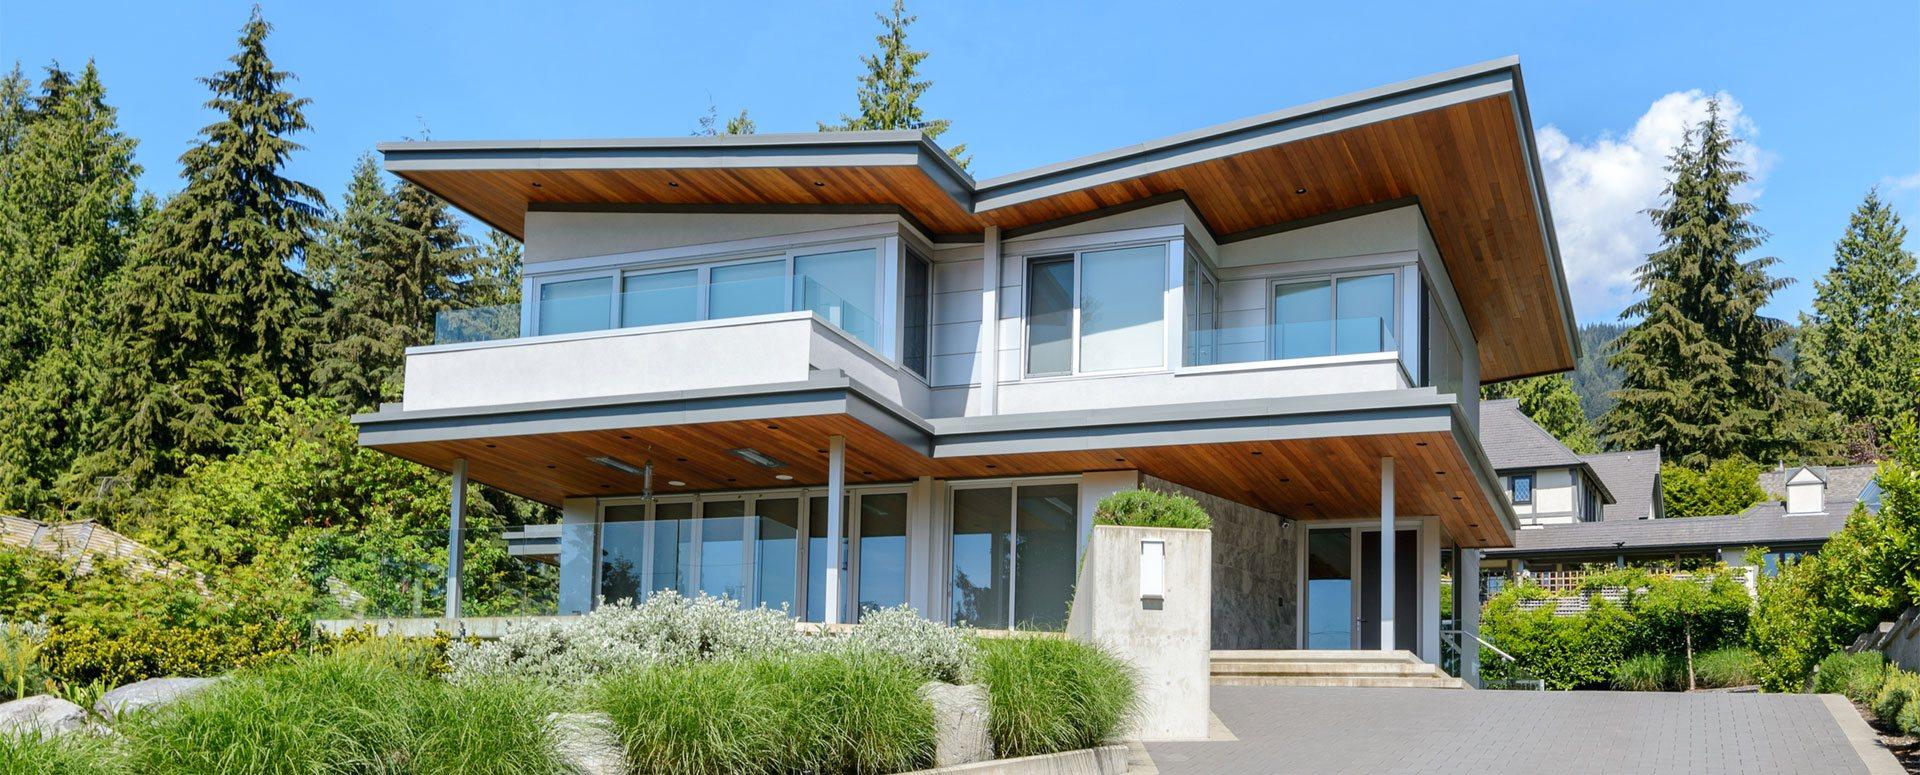 Недвижимость и строительство домов